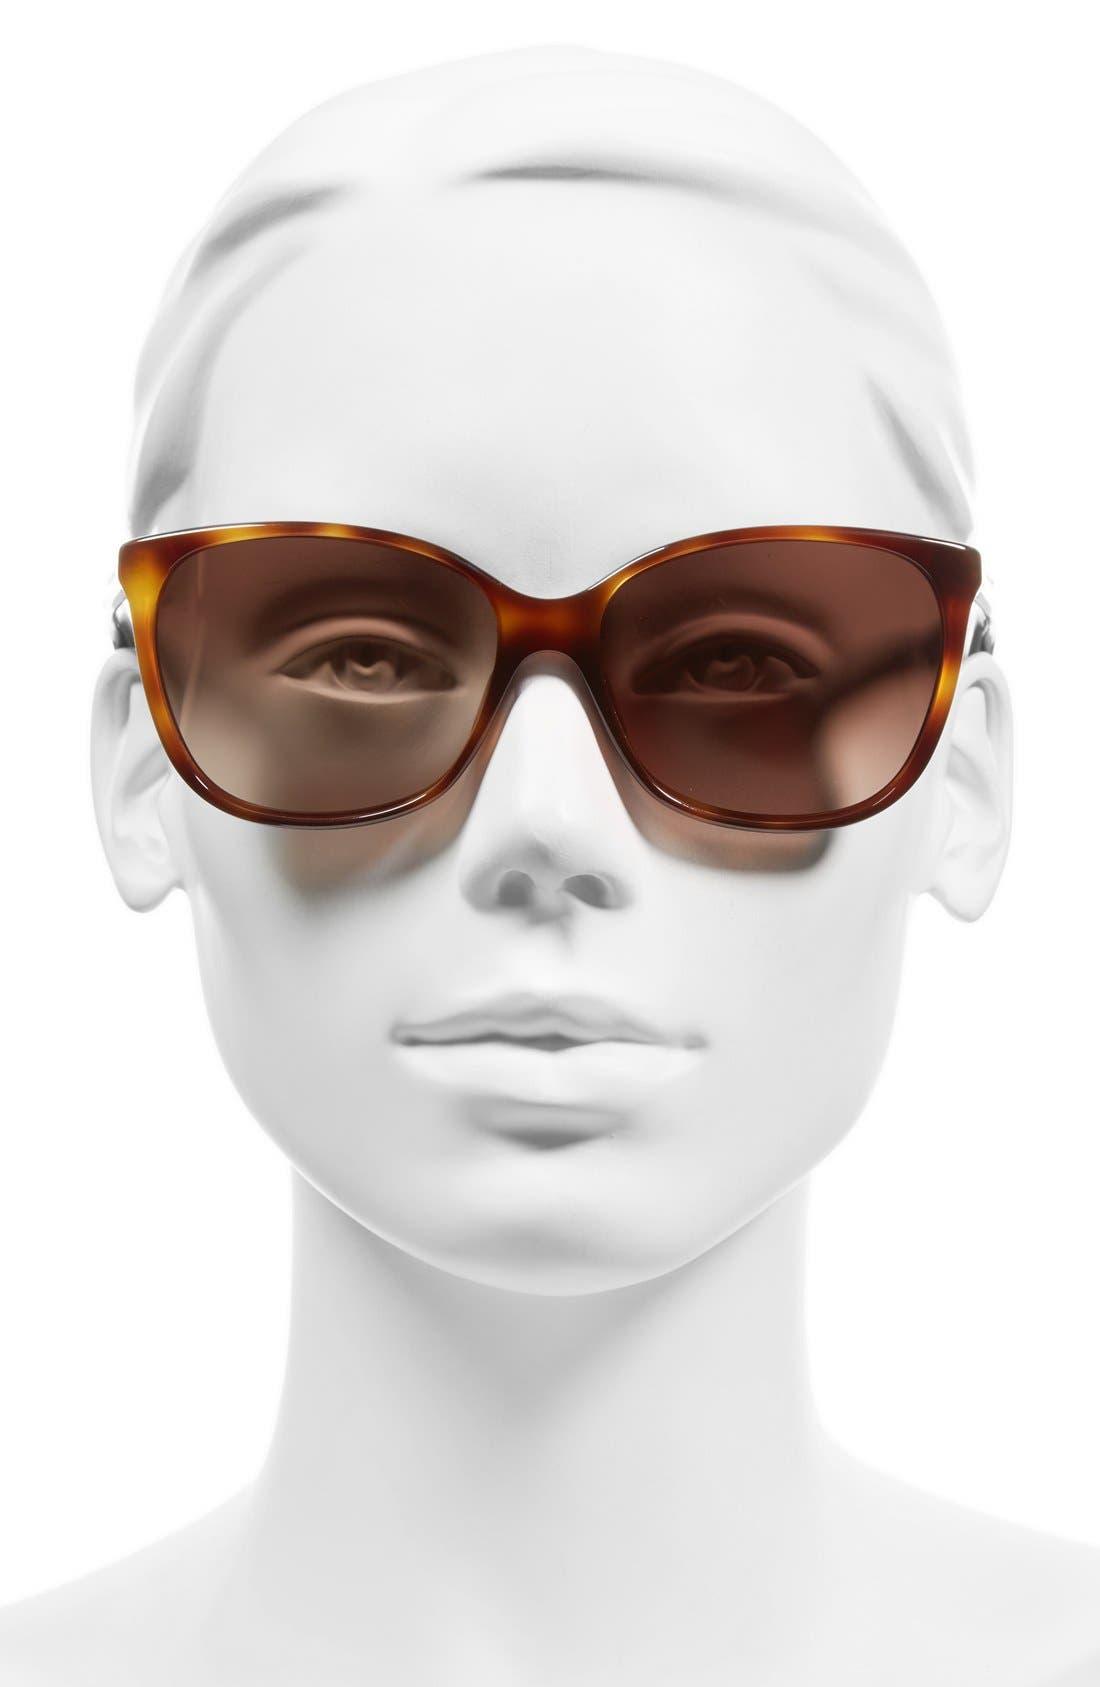 57mm Oversized Sunglasses,                             Alternate thumbnail 2, color,                             HAVANA